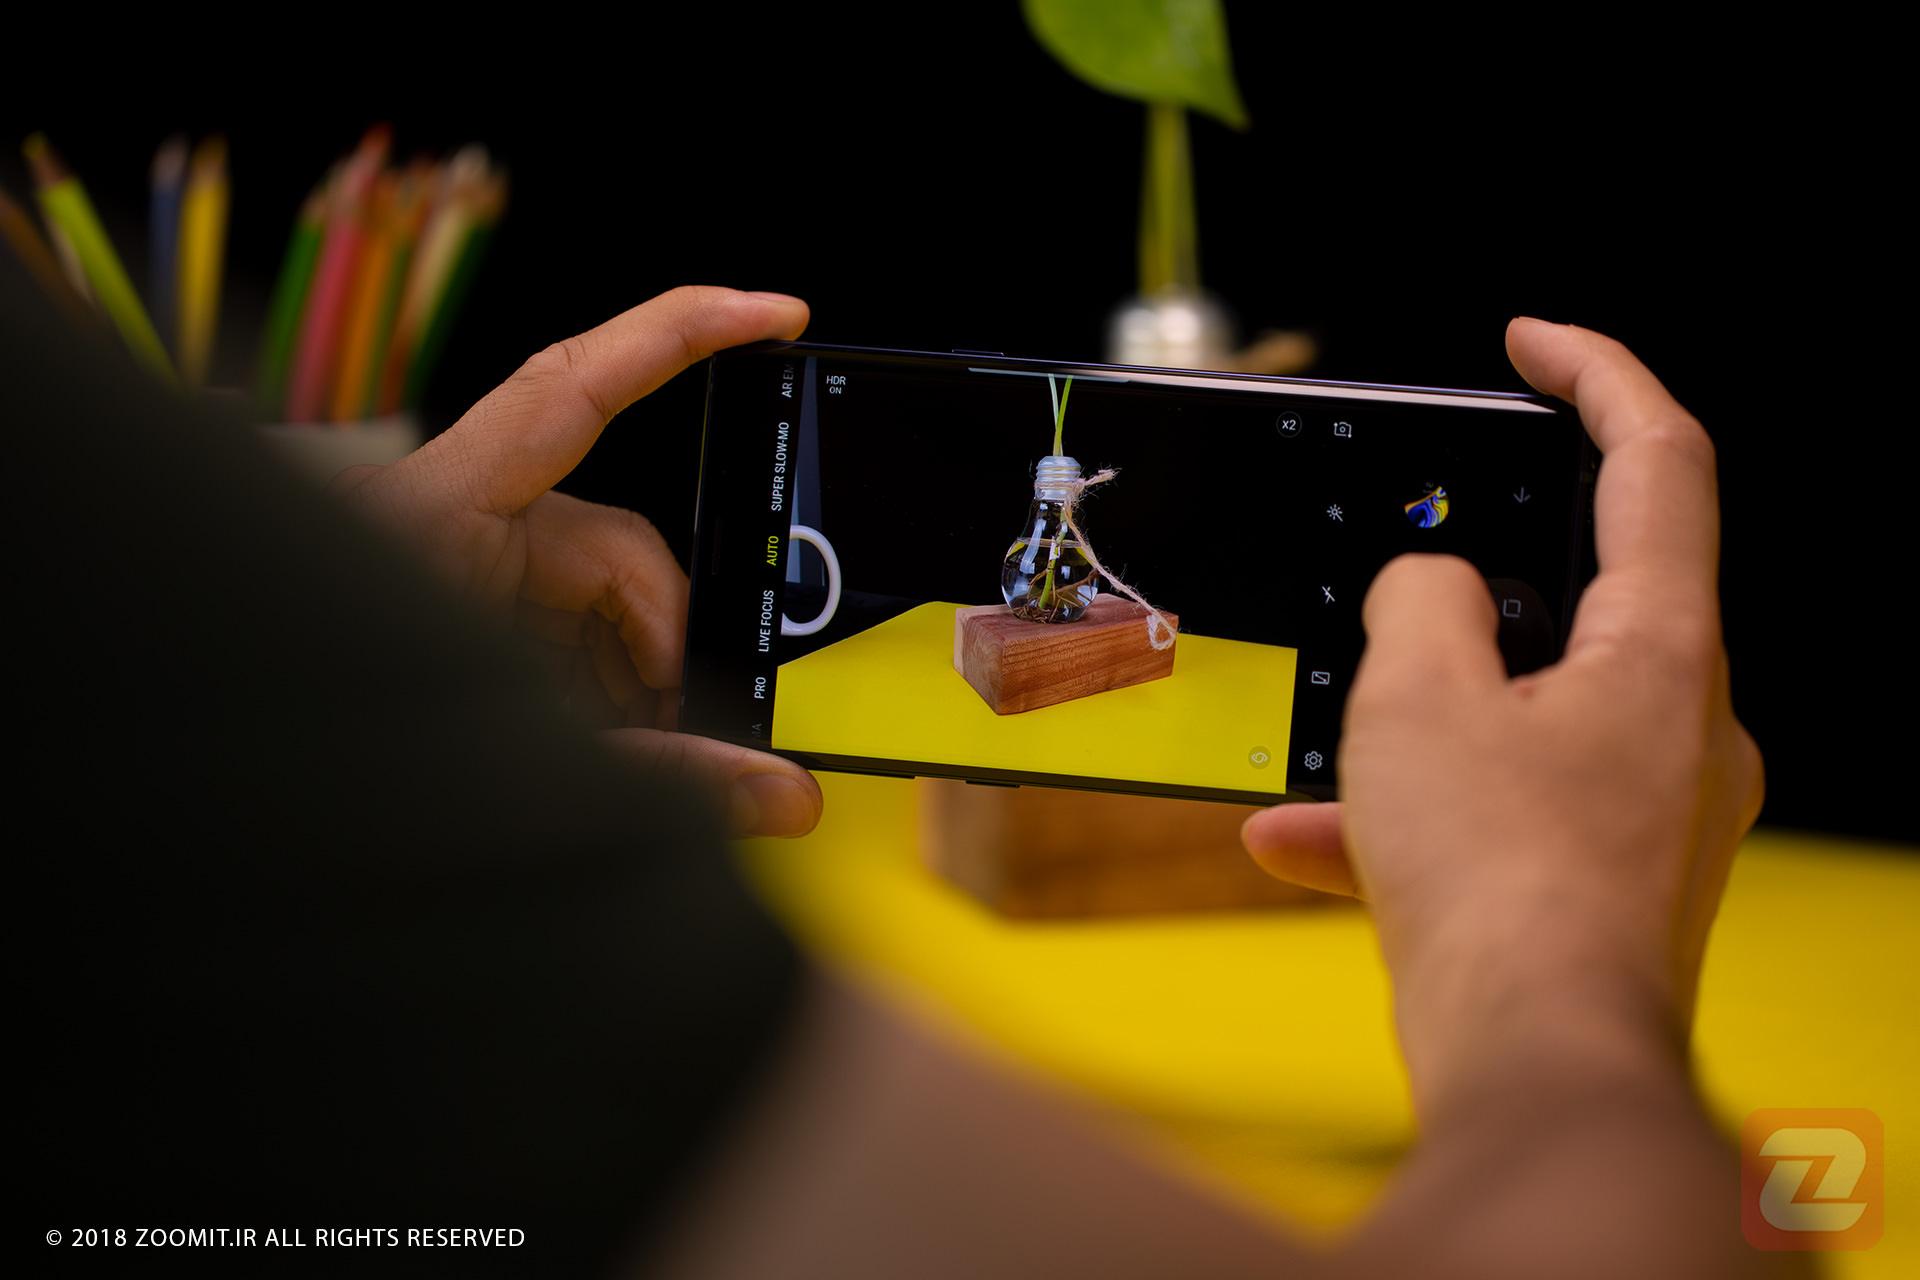 گلکسی نوت 9 / Galaxy Note 9